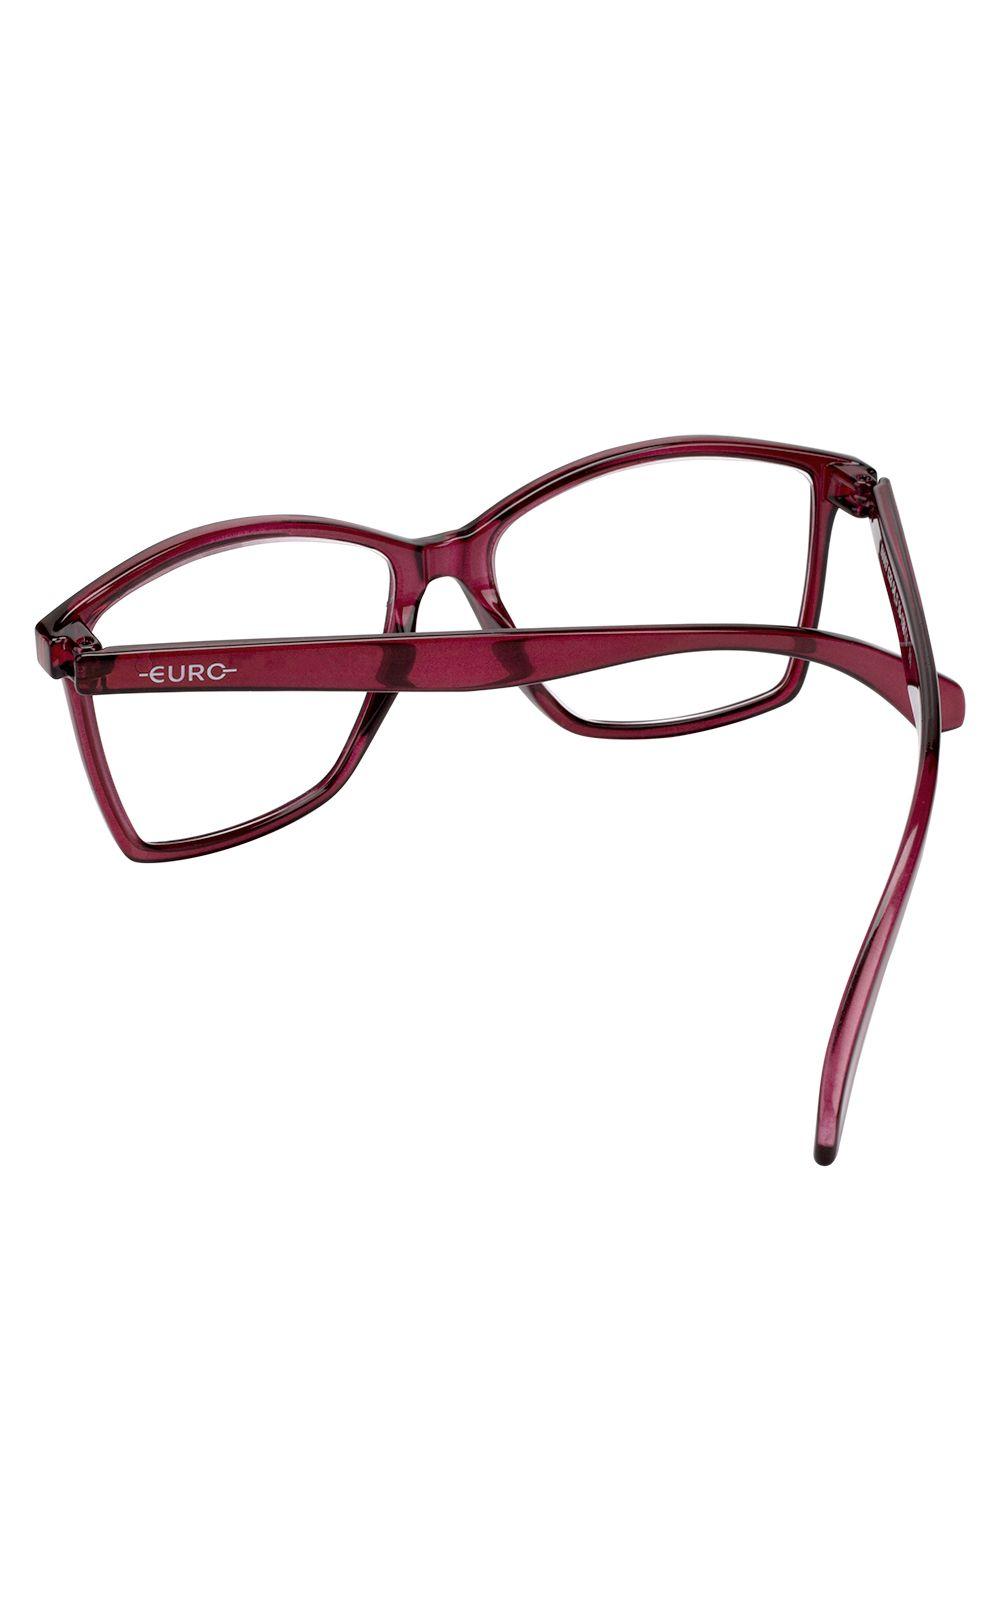 Foto 3 - Óculos Euro Feminino Color Fun Vermelho E6007C2354/8R